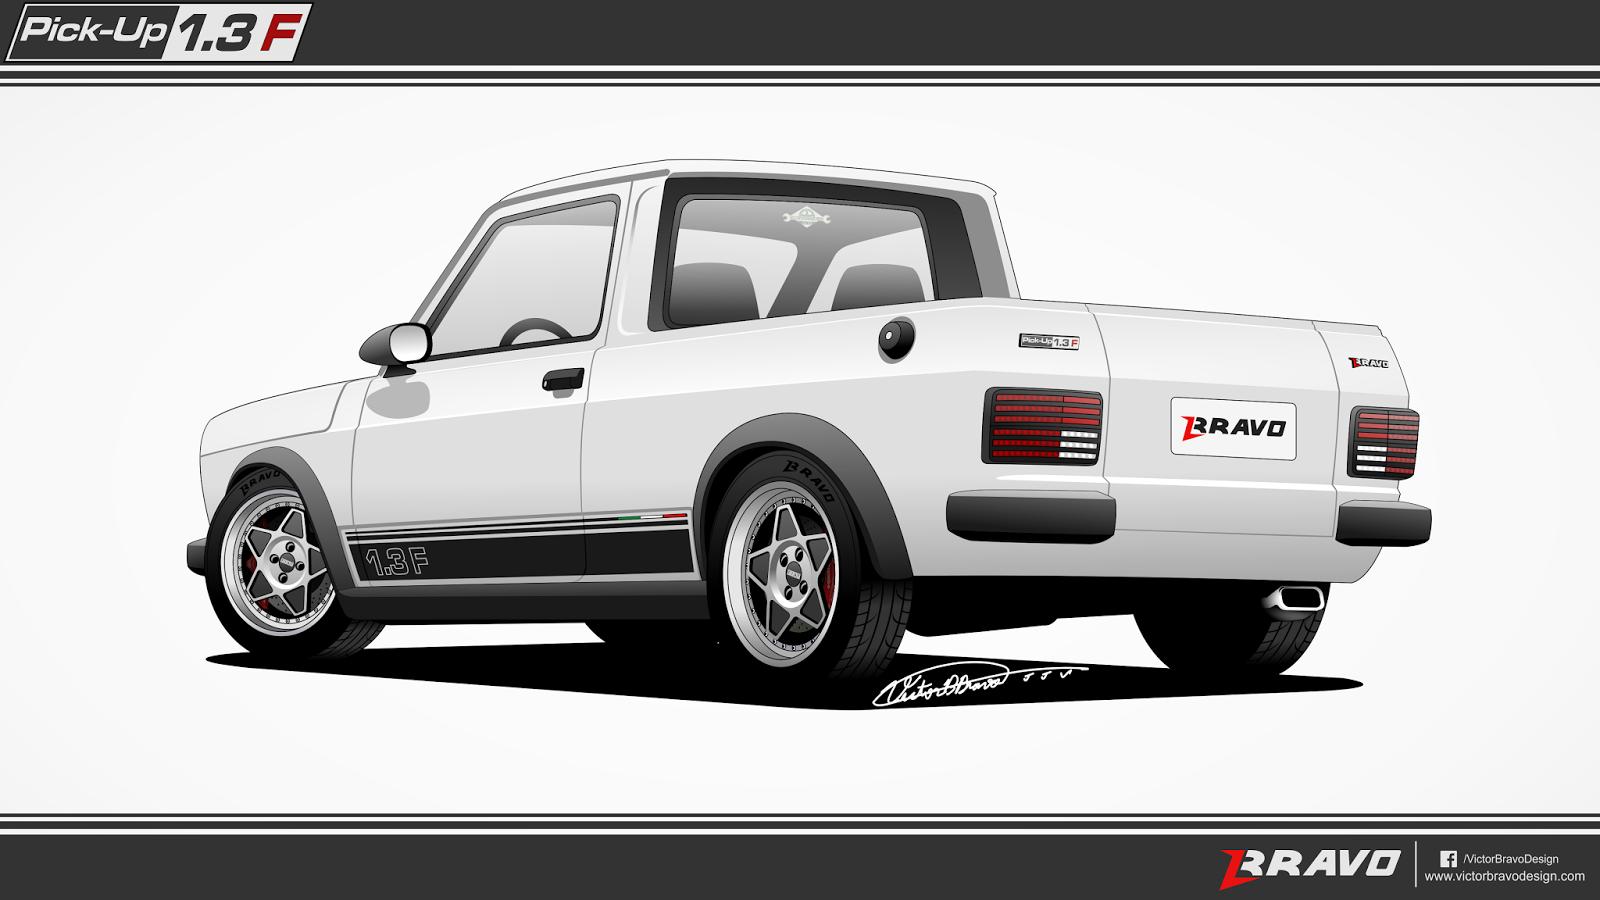 """Imagem mostrando o desenho da traseira da Fiat Pick-Up 147 """"1.3F"""""""